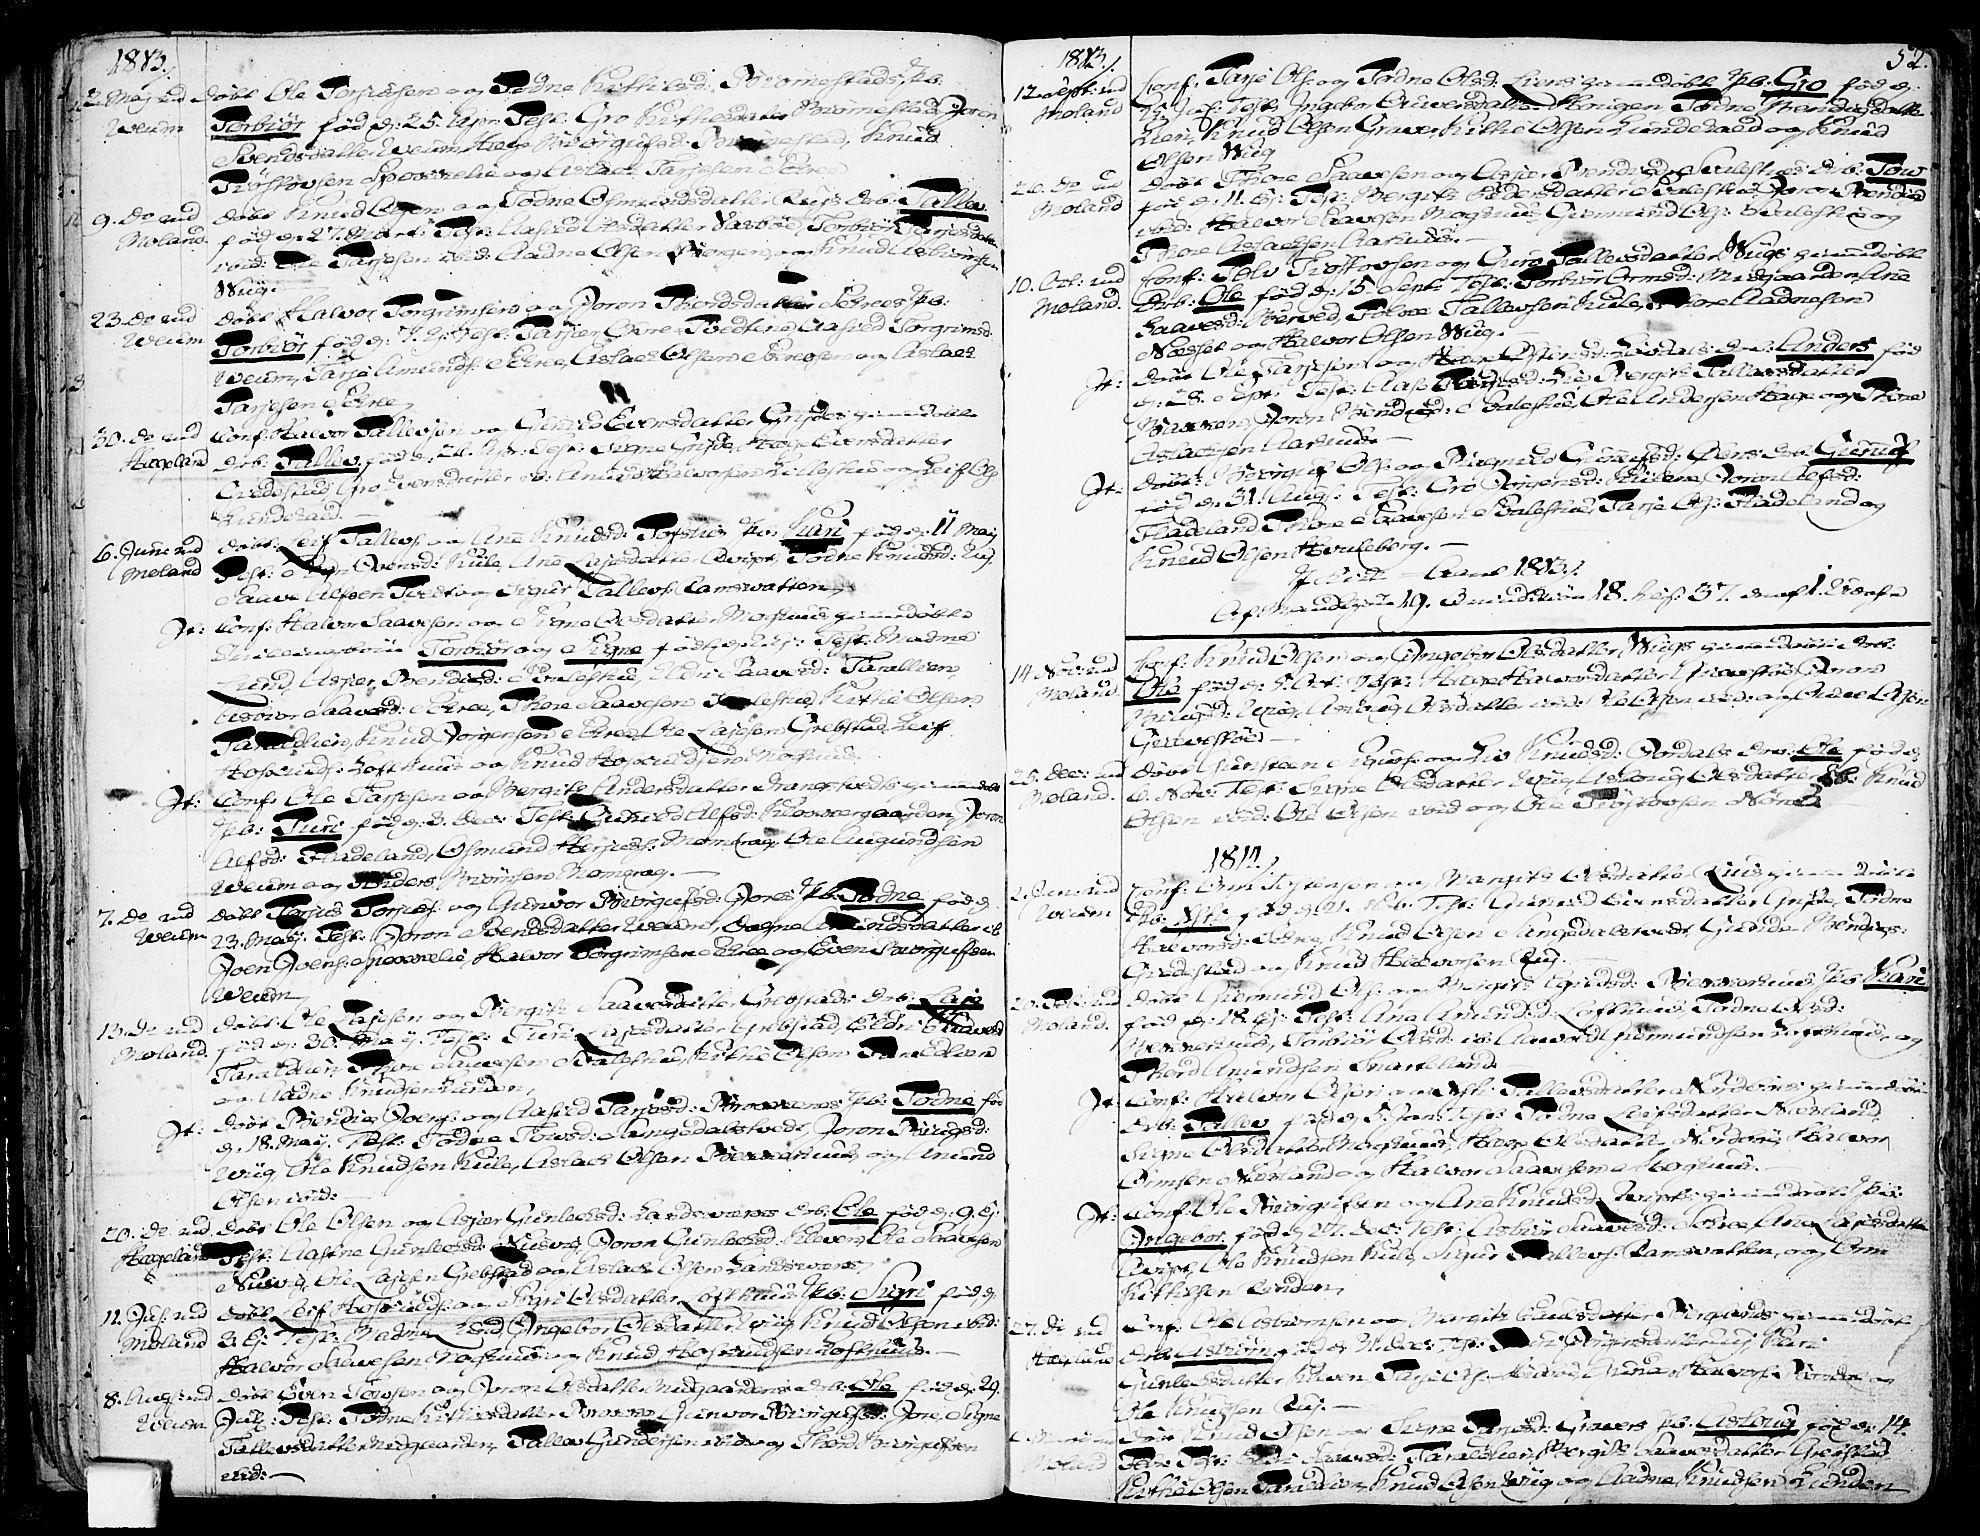 SAKO, Fyresdal kirkebøker, F/Fa/L0002: Ministerialbok nr. I 2, 1769-1814, s. 52